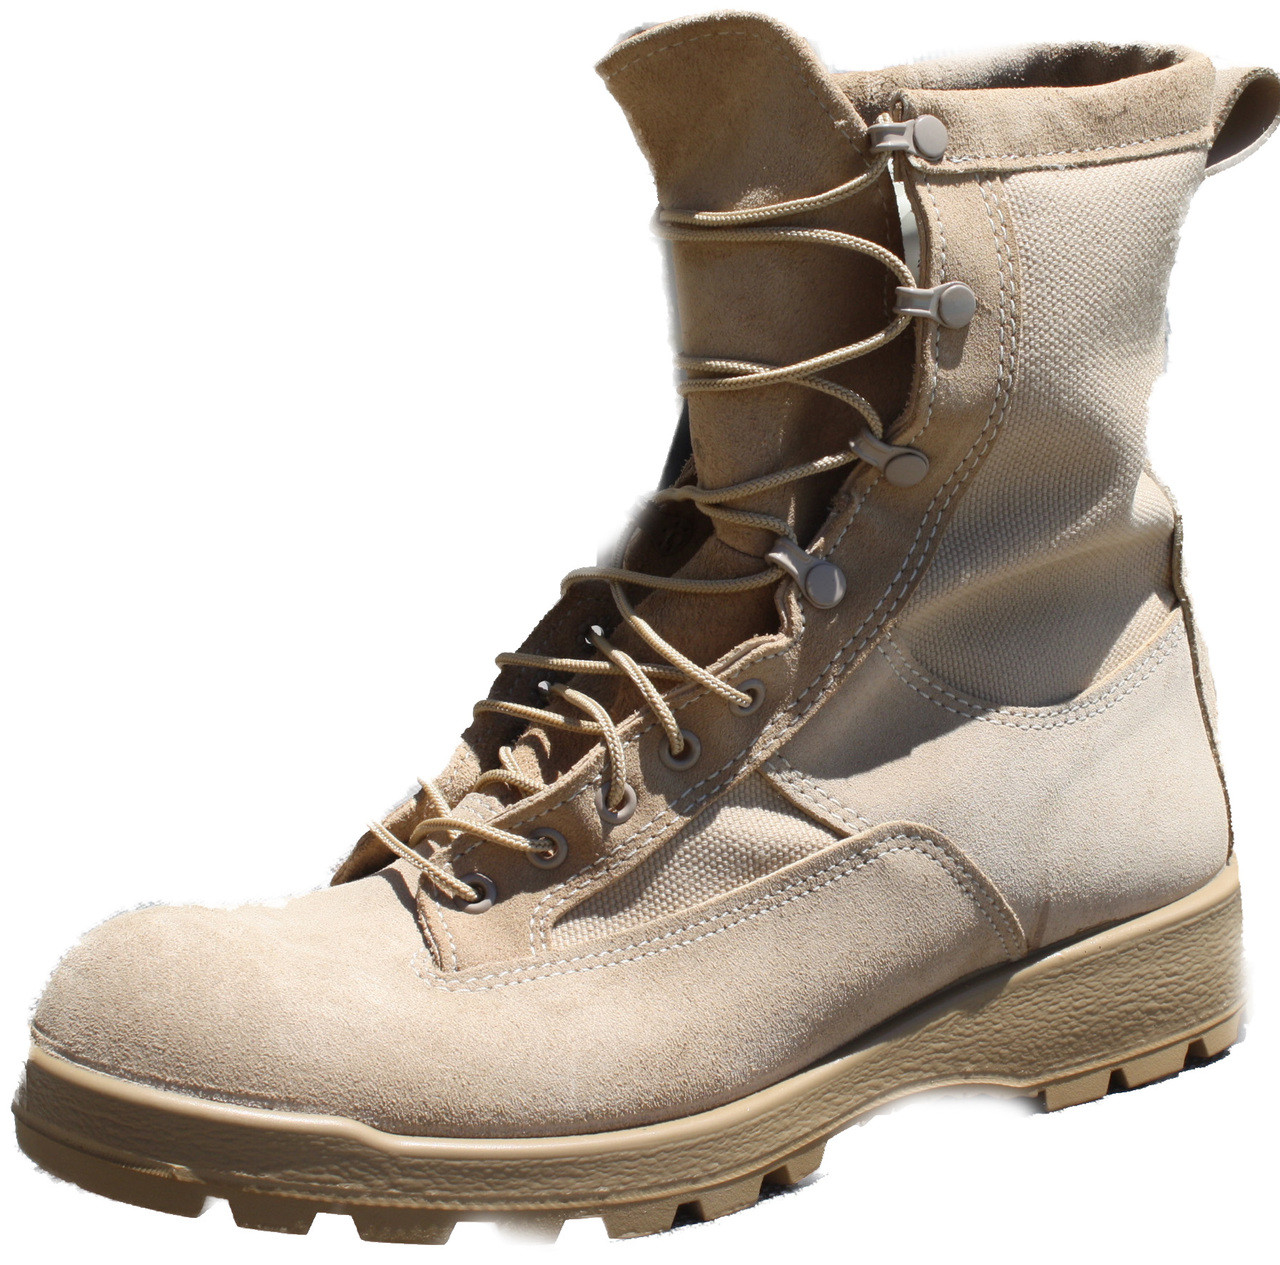 Bates 33100-B Mens Gore-Tex Waterproof